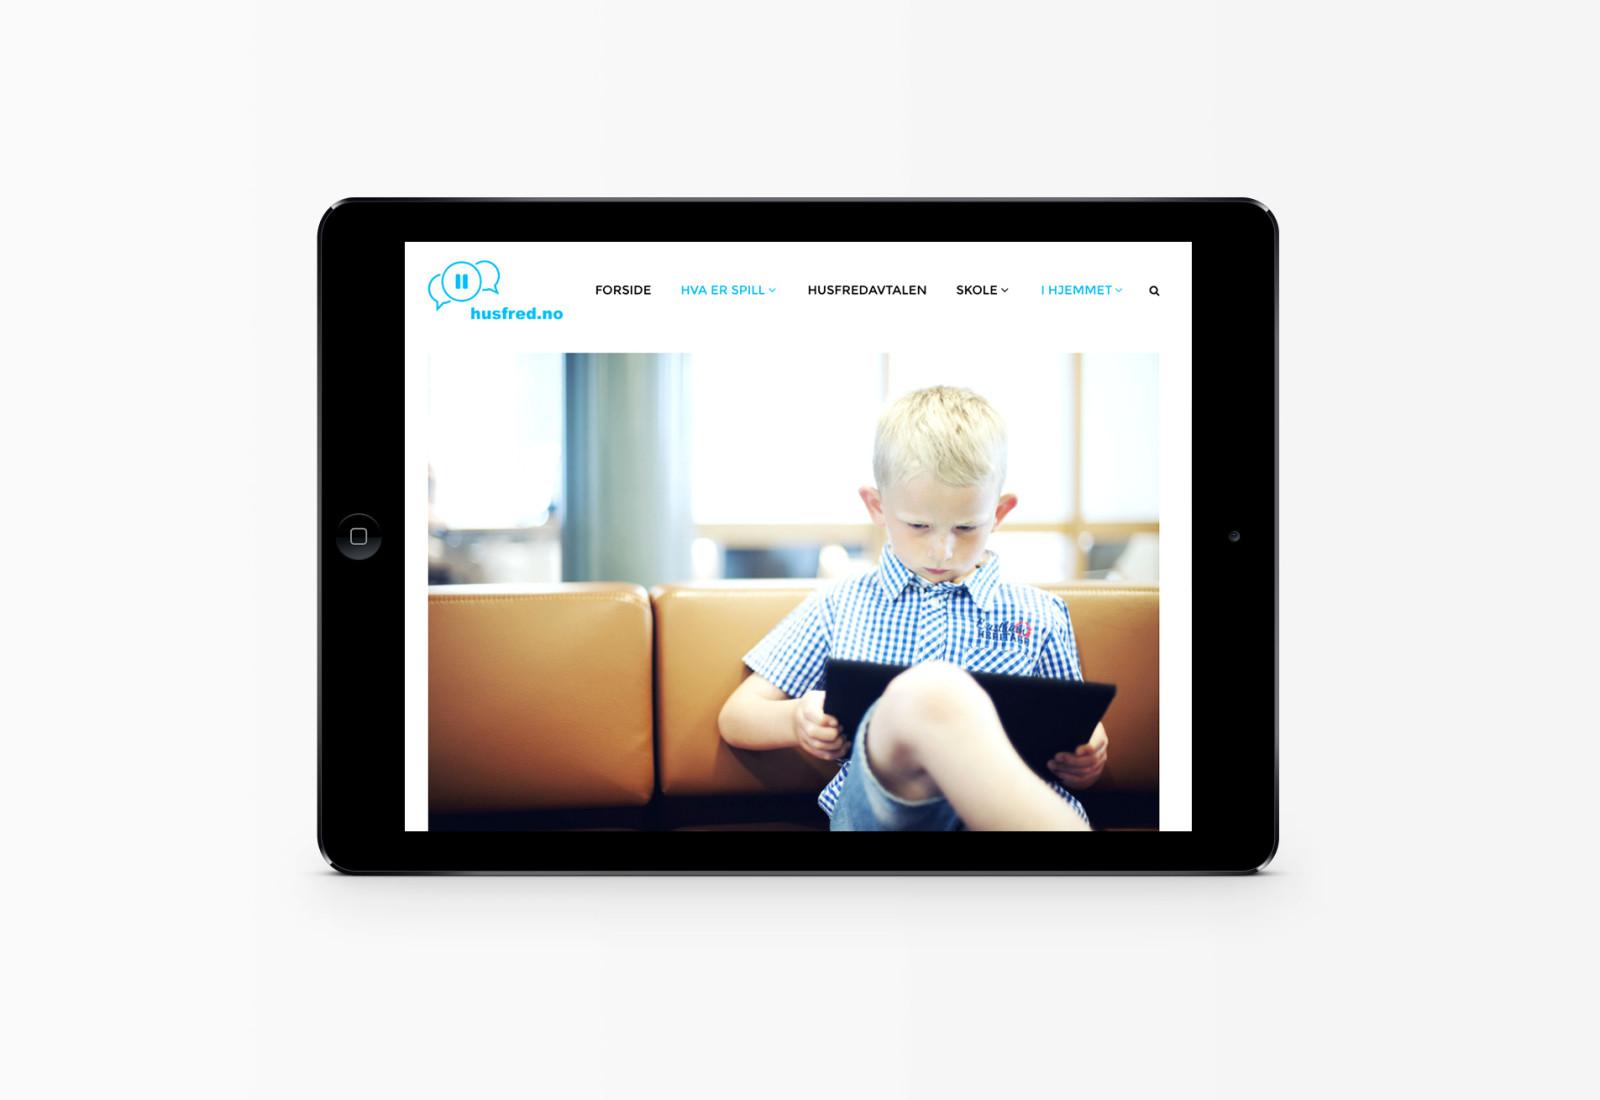 iPad-visning av artikkelside husfred.no